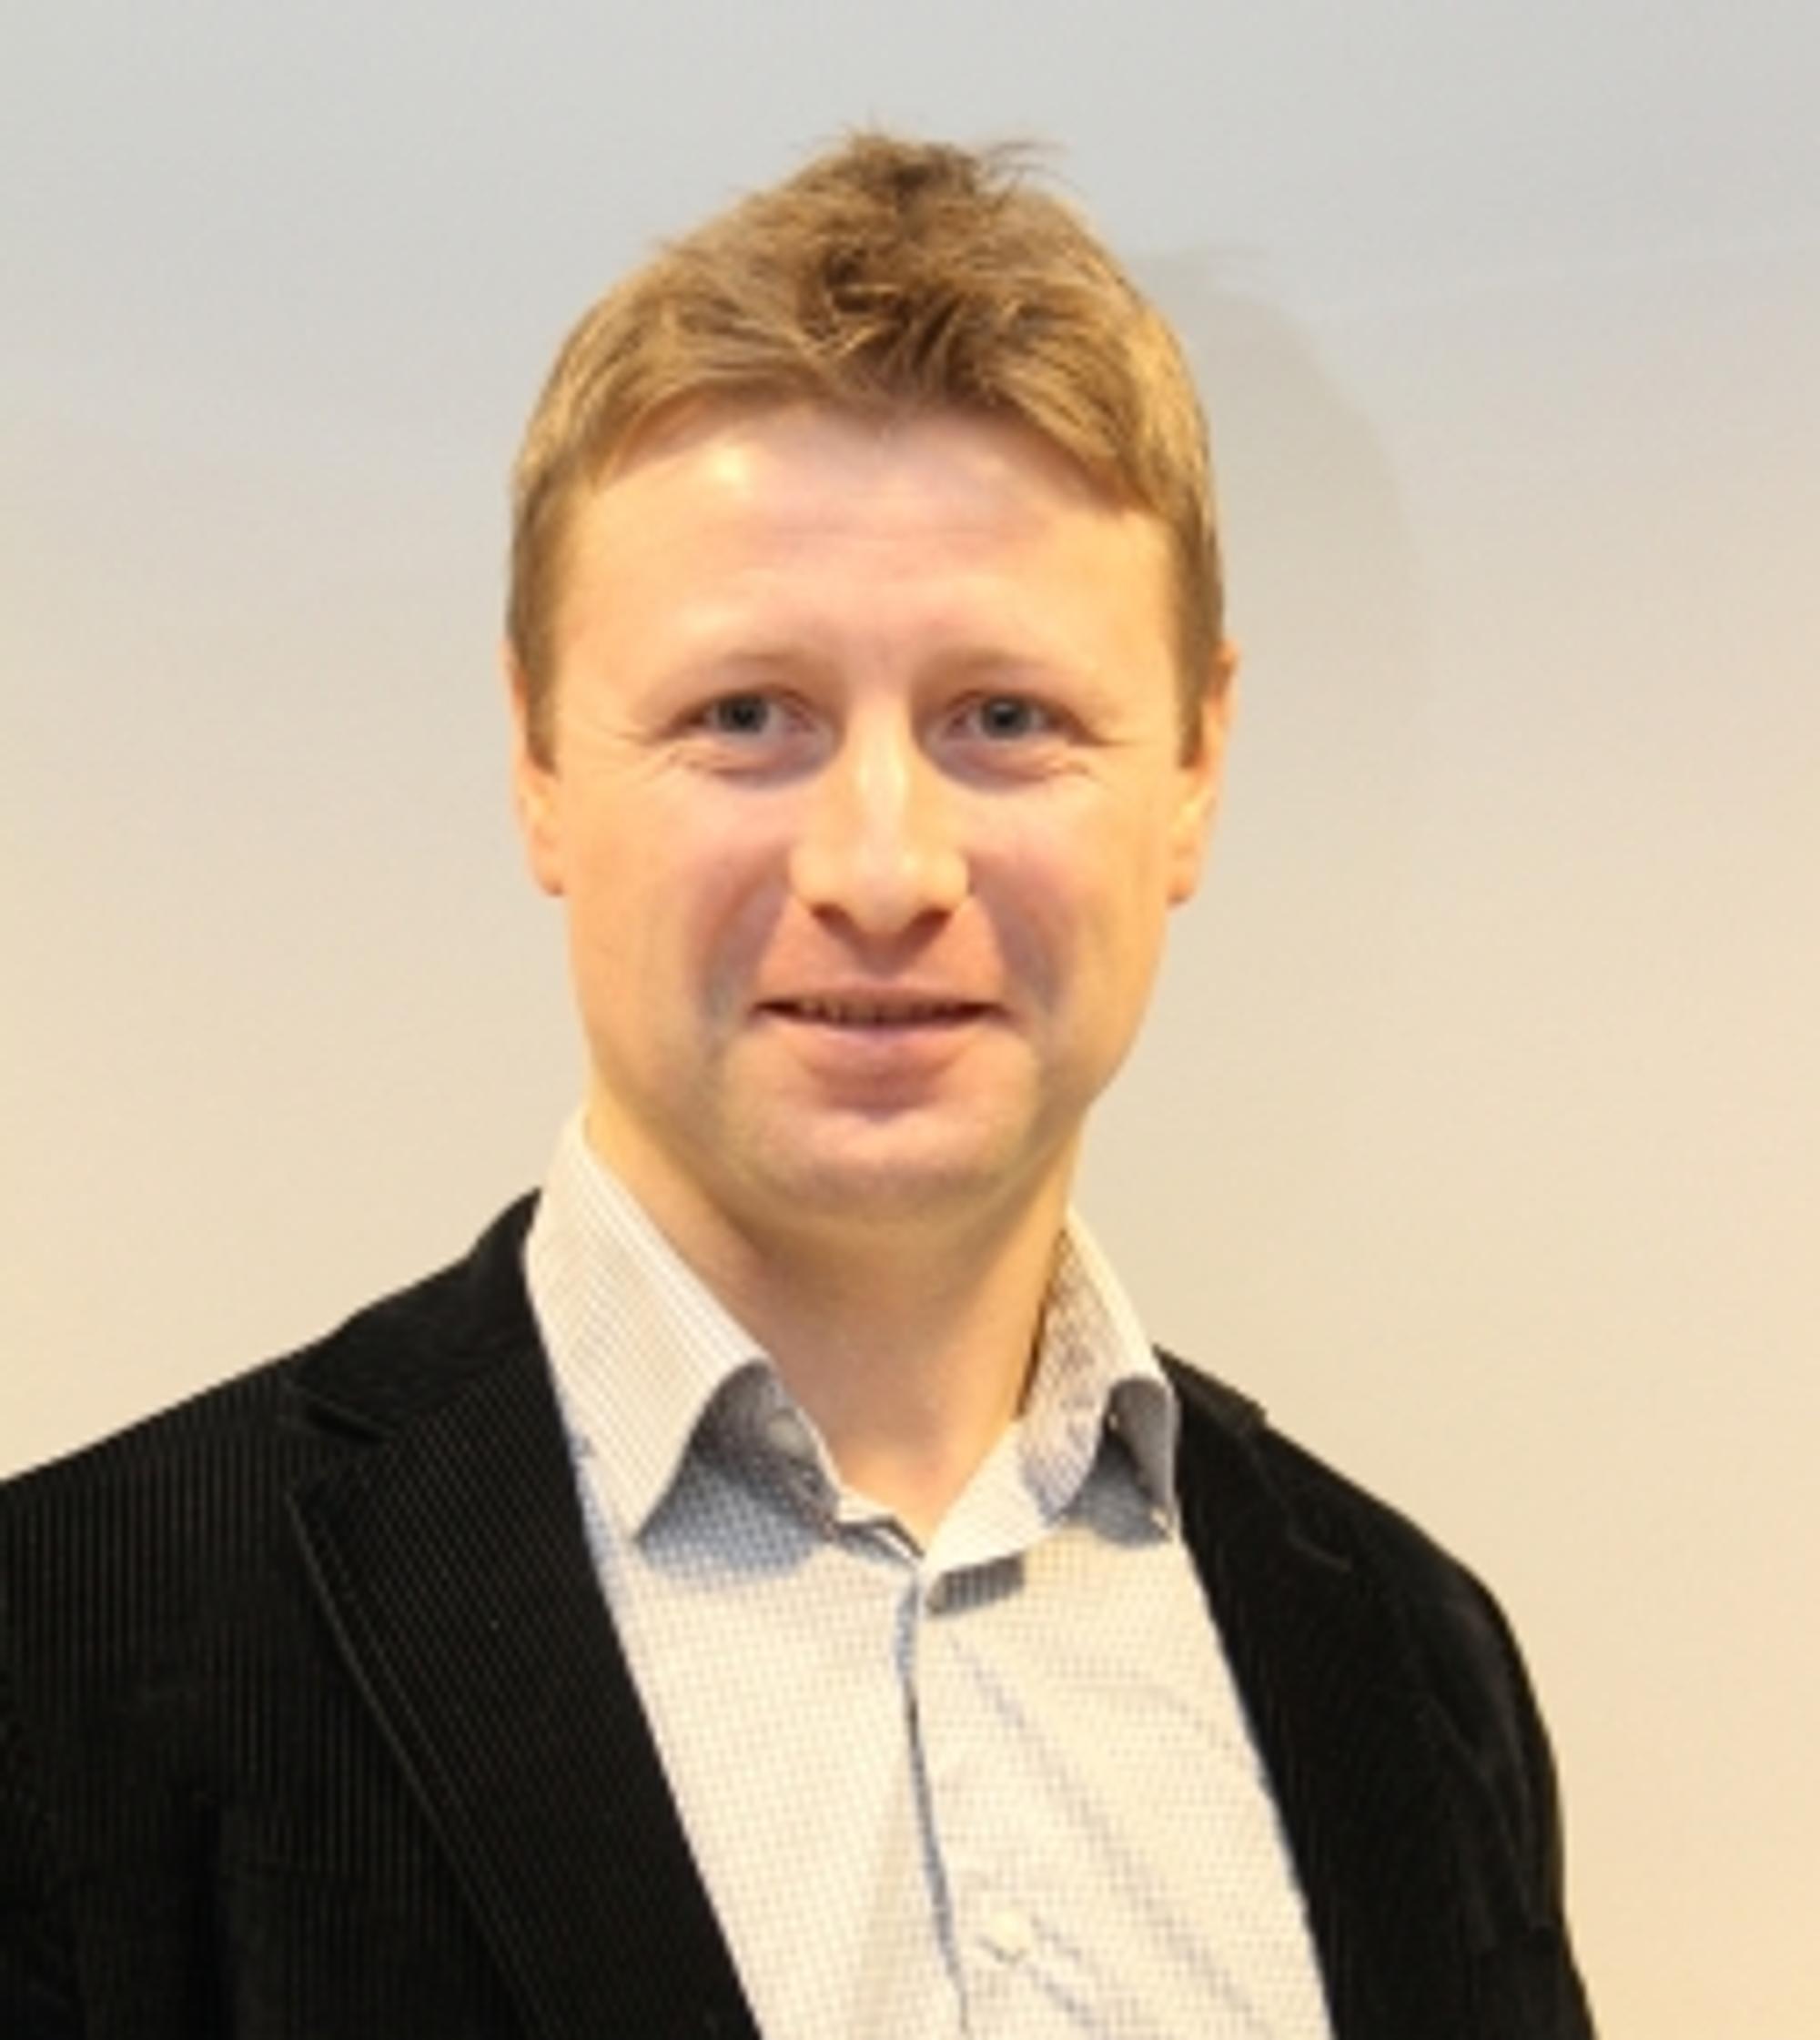 Seksjonssjef, Daniel Hegland, i Nasjonal kommunikasjonsmyndighet.